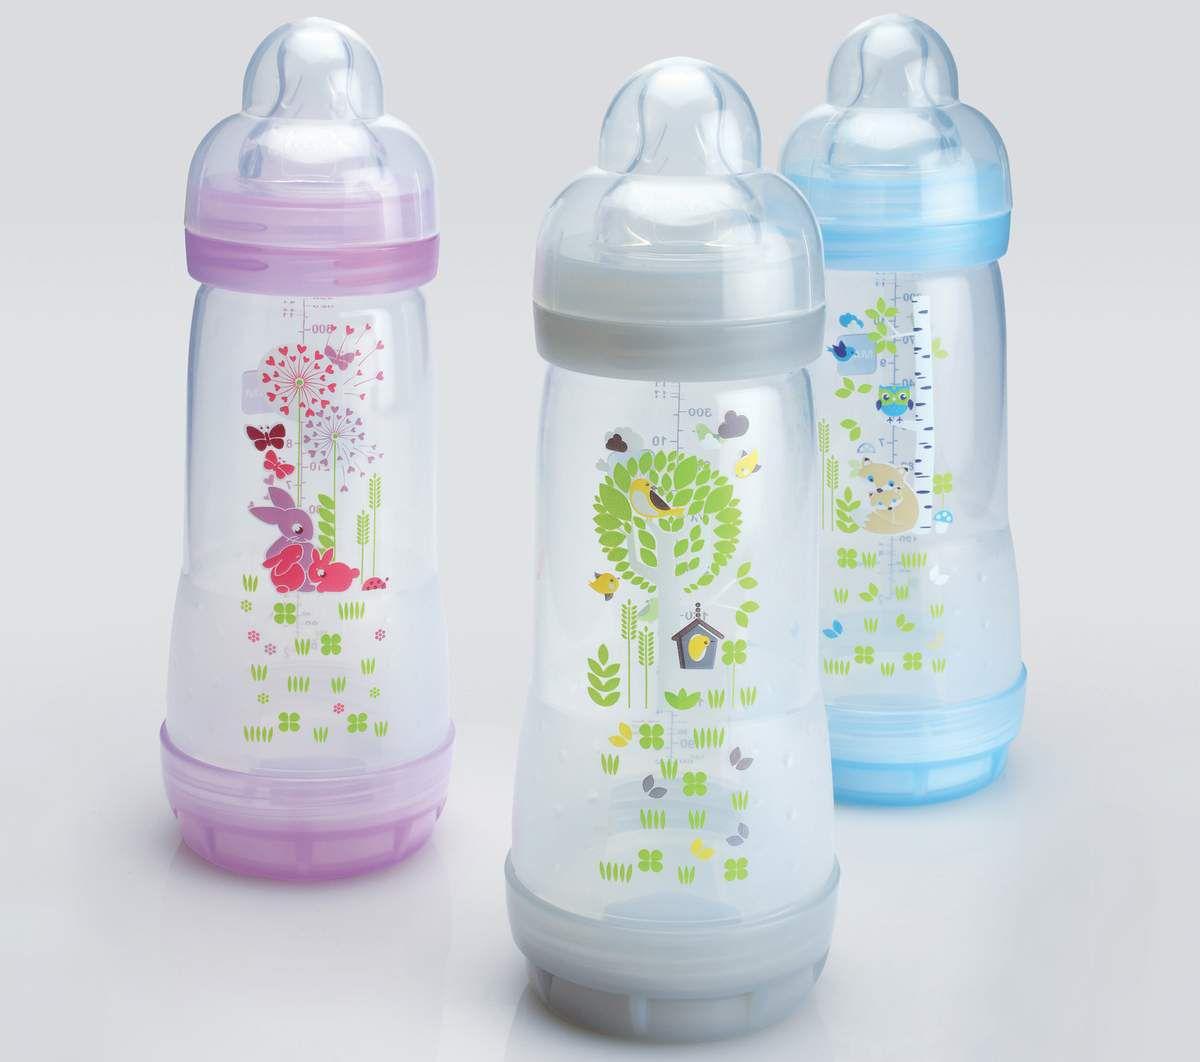 [Test] Maman Online ! a testé pour vous... les biberons Easy Start anticolique 320 ml de MAM